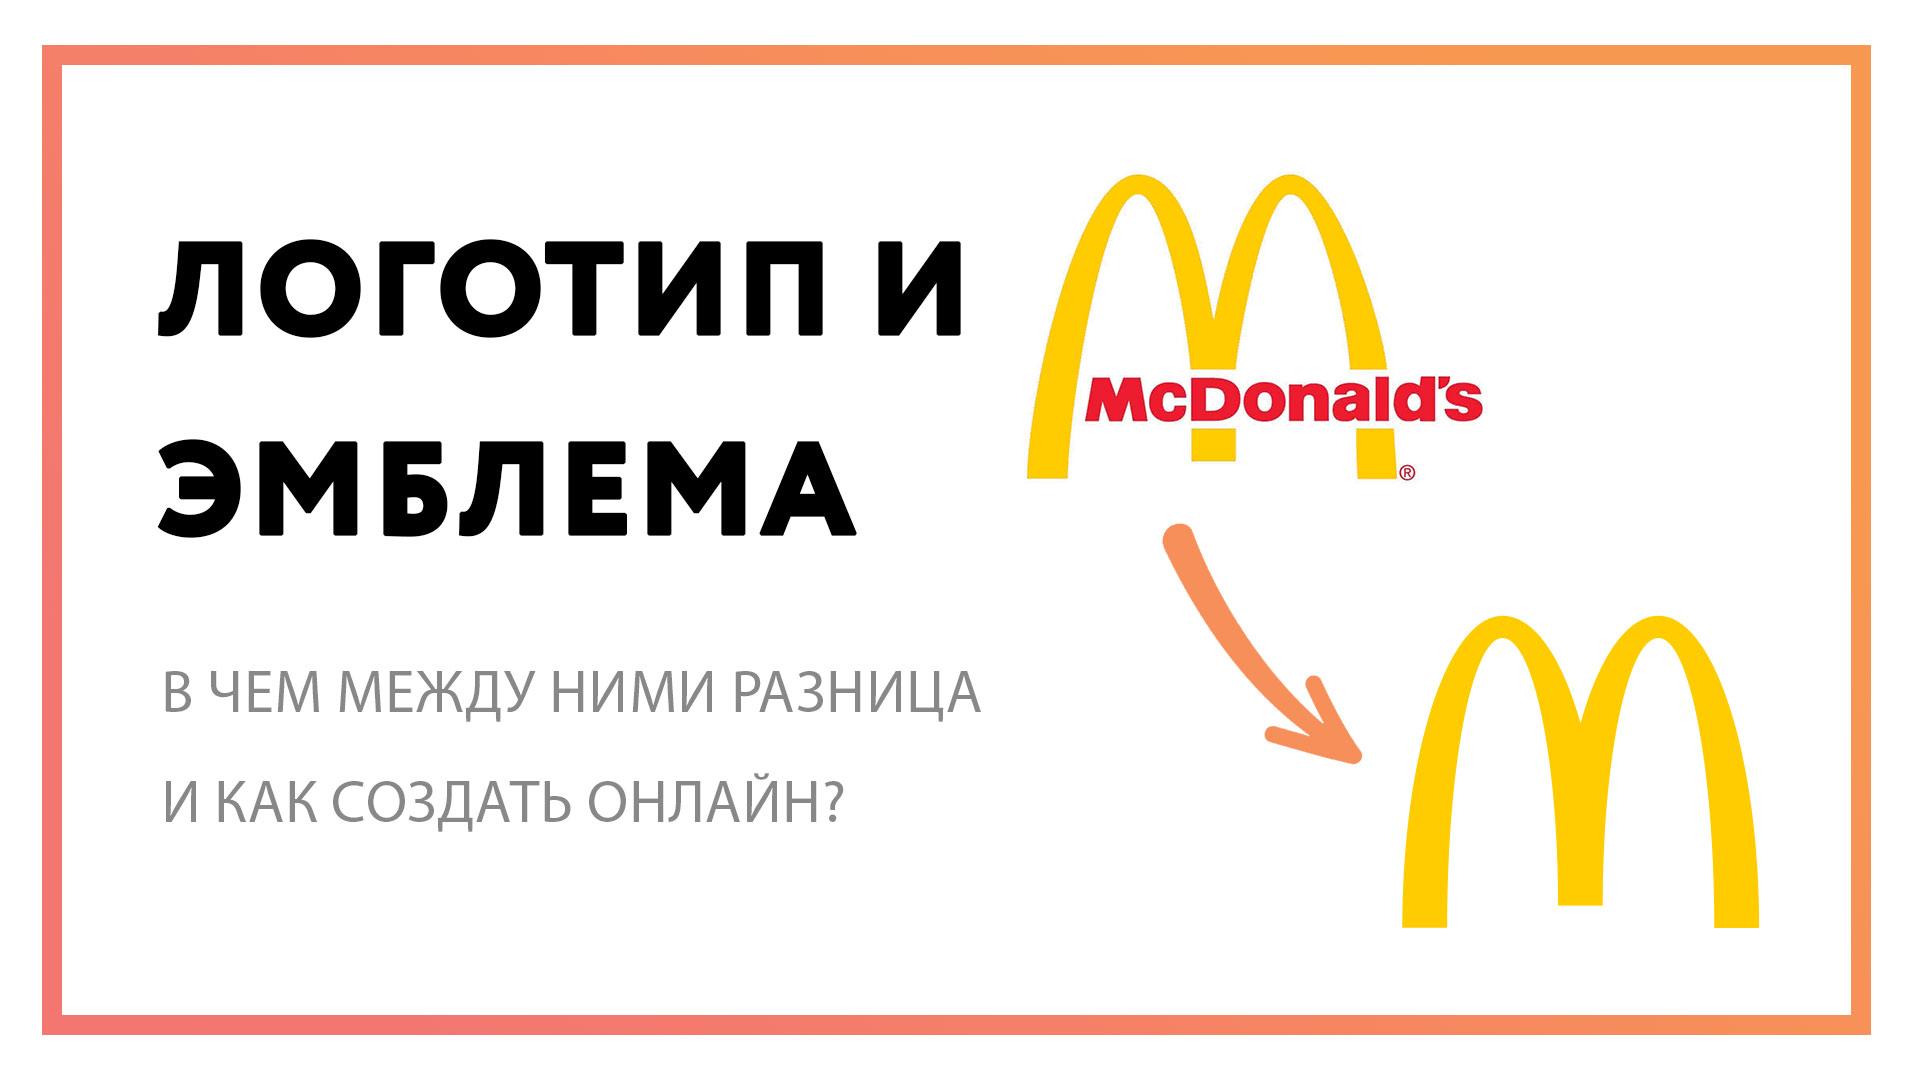 Логотип-и-эмблема-–-в-чем-между-ними-разница-_-Как-создать-онлайн.jpg